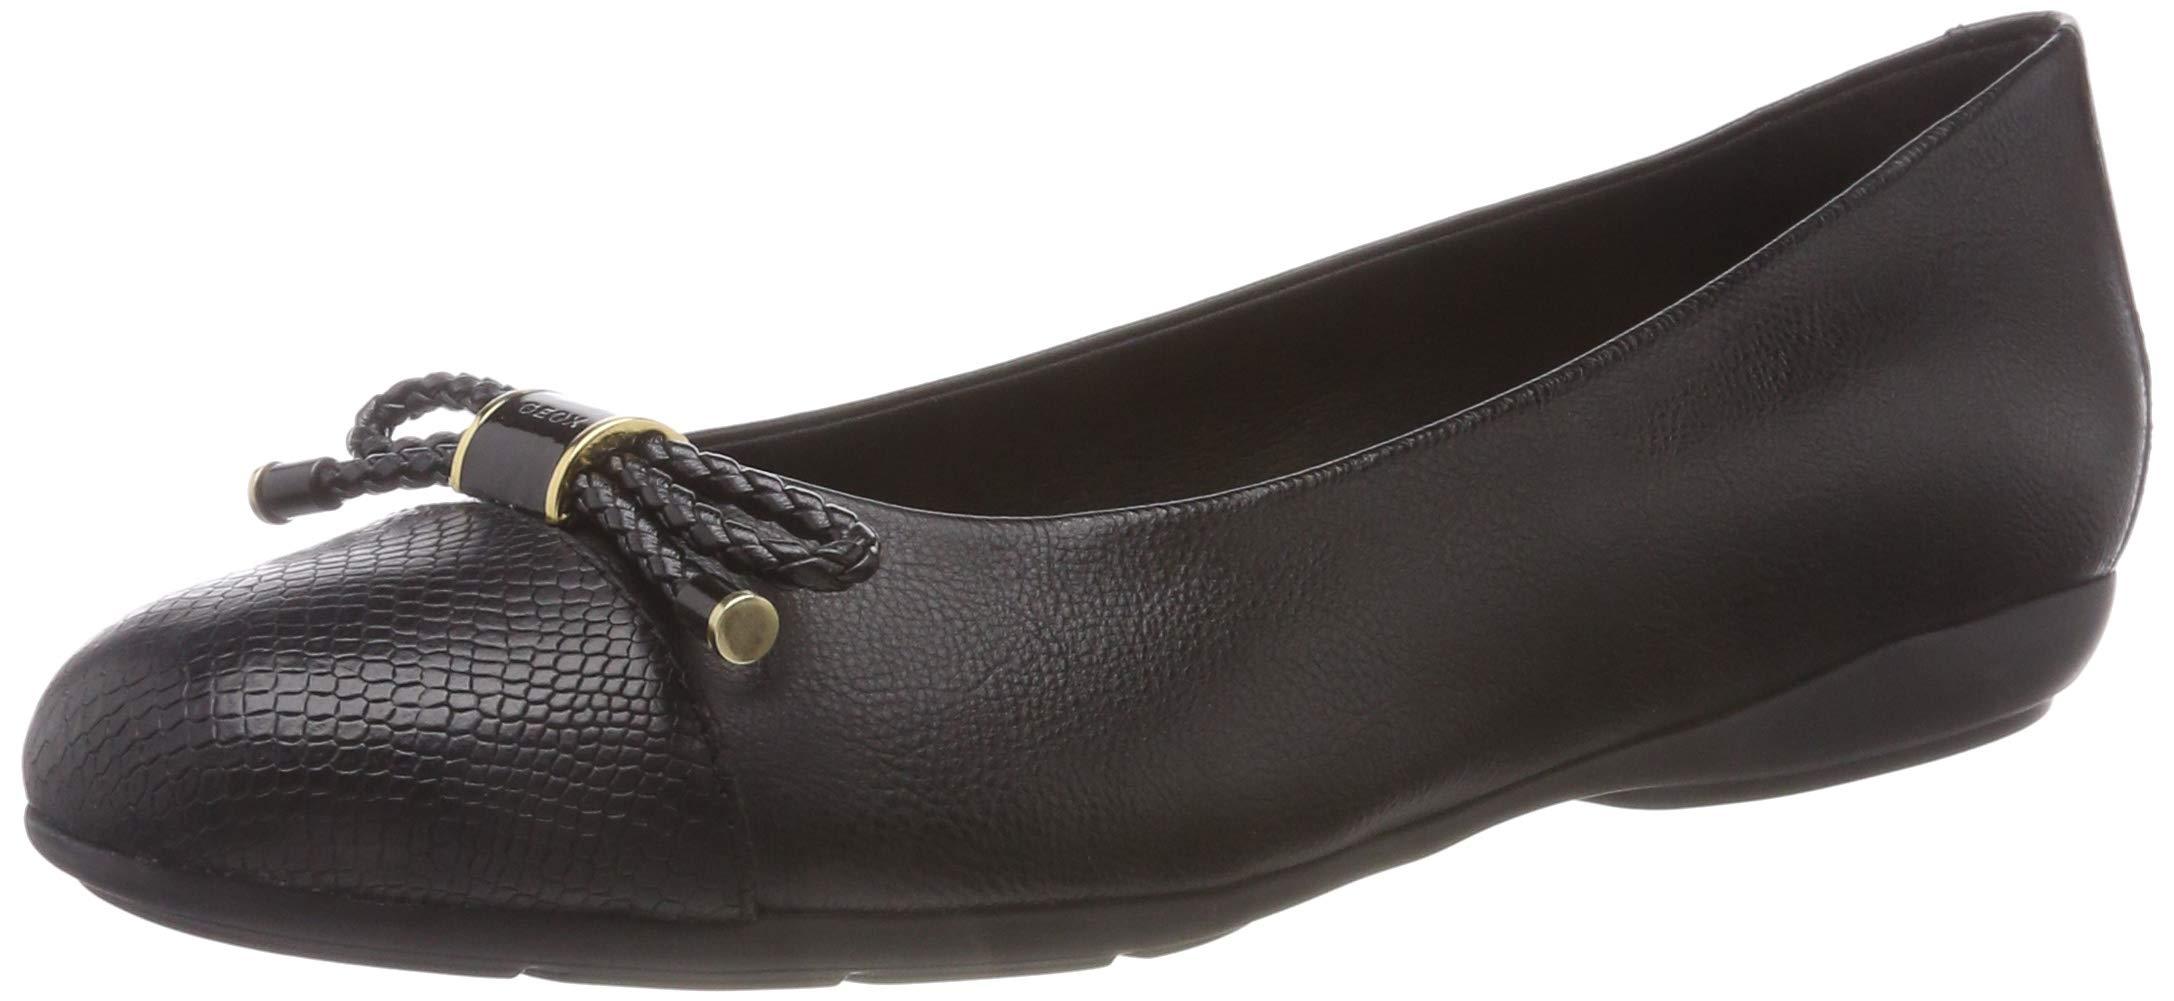 929e92af26 Amazon.com: Geox Footwear